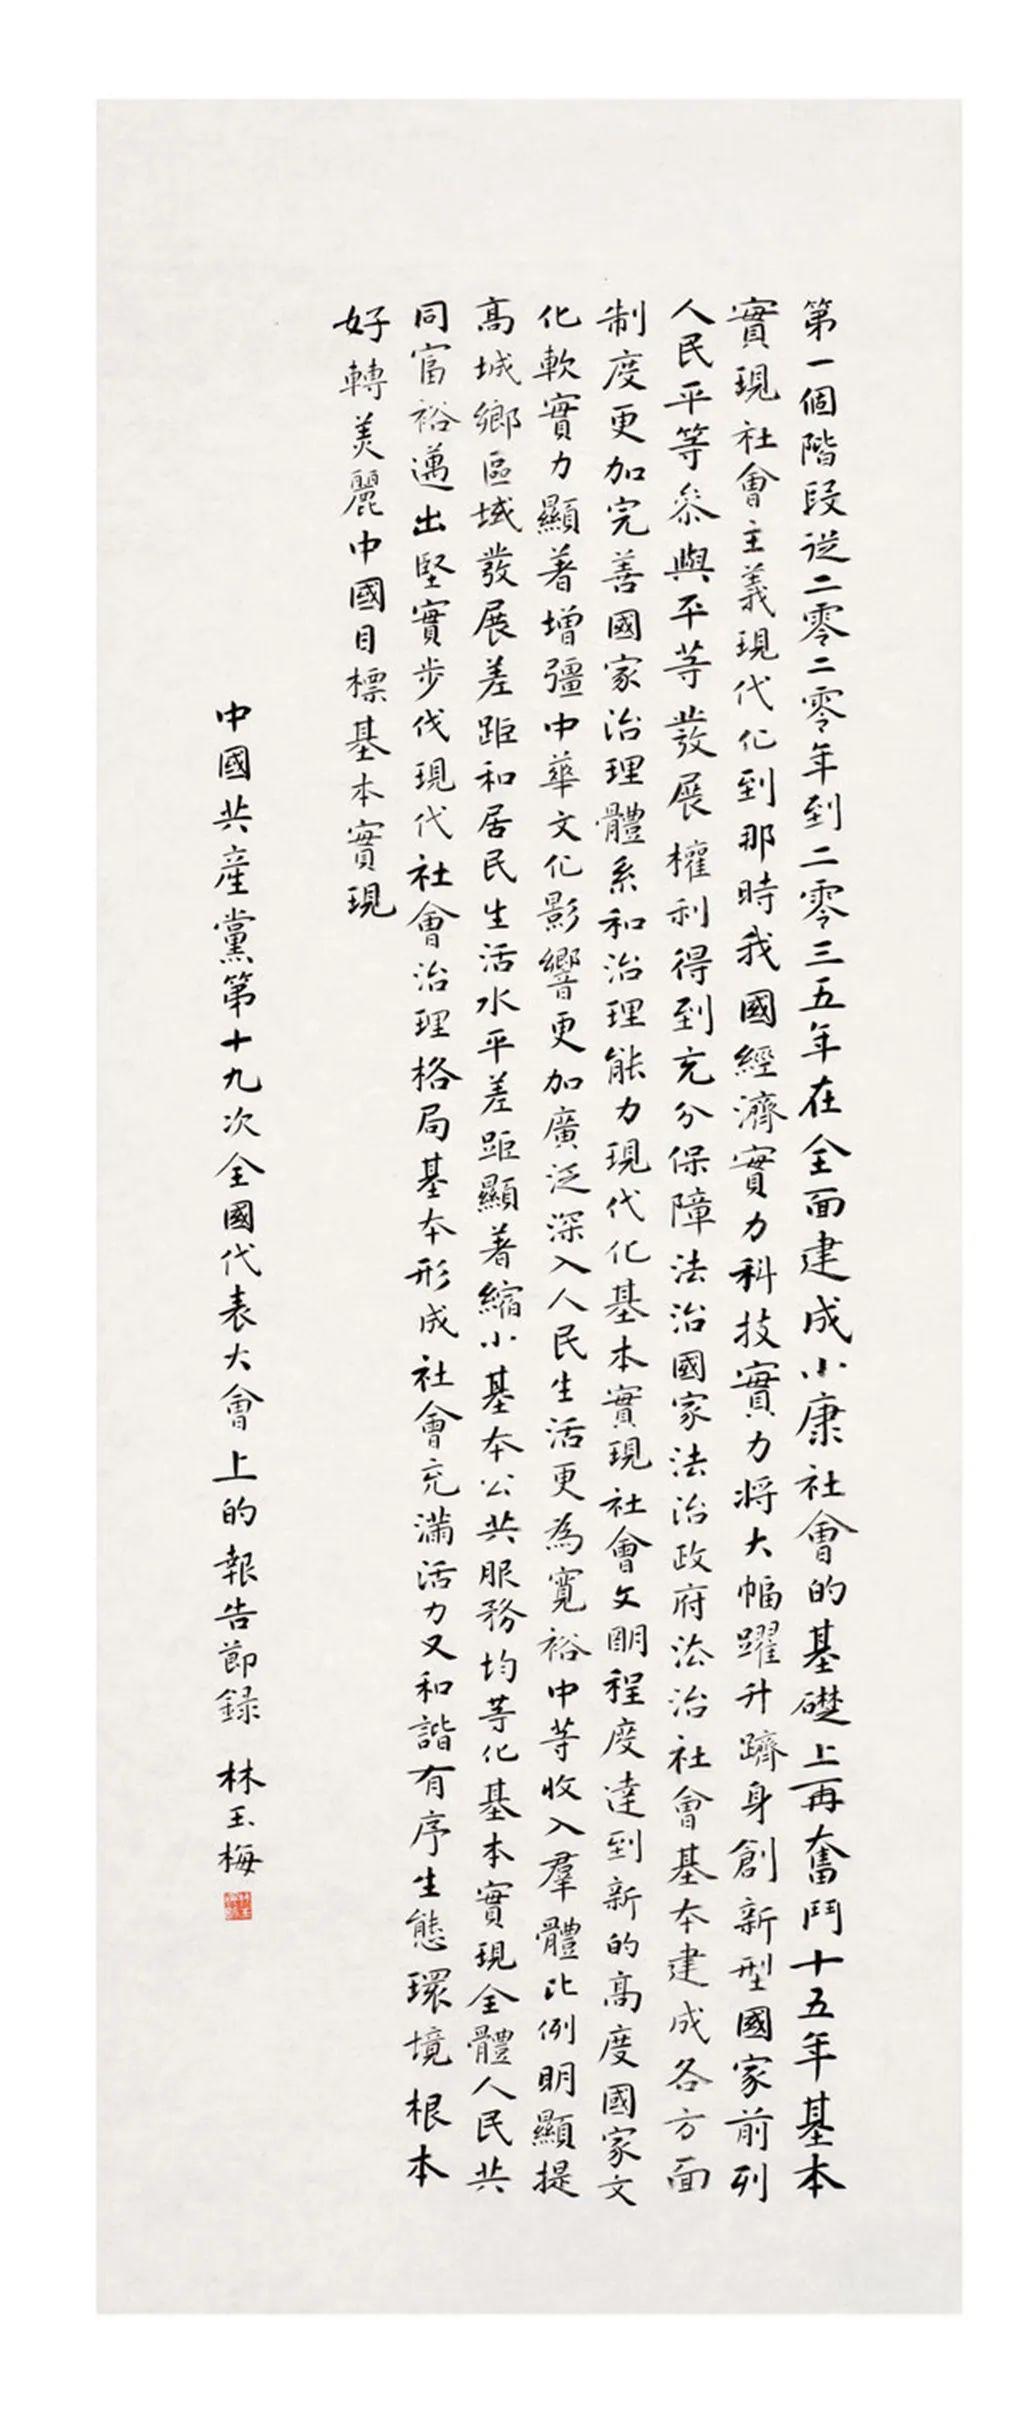 中国力量——全国扶贫书法大展作品 | 第一篇章 :人民至上(图57)